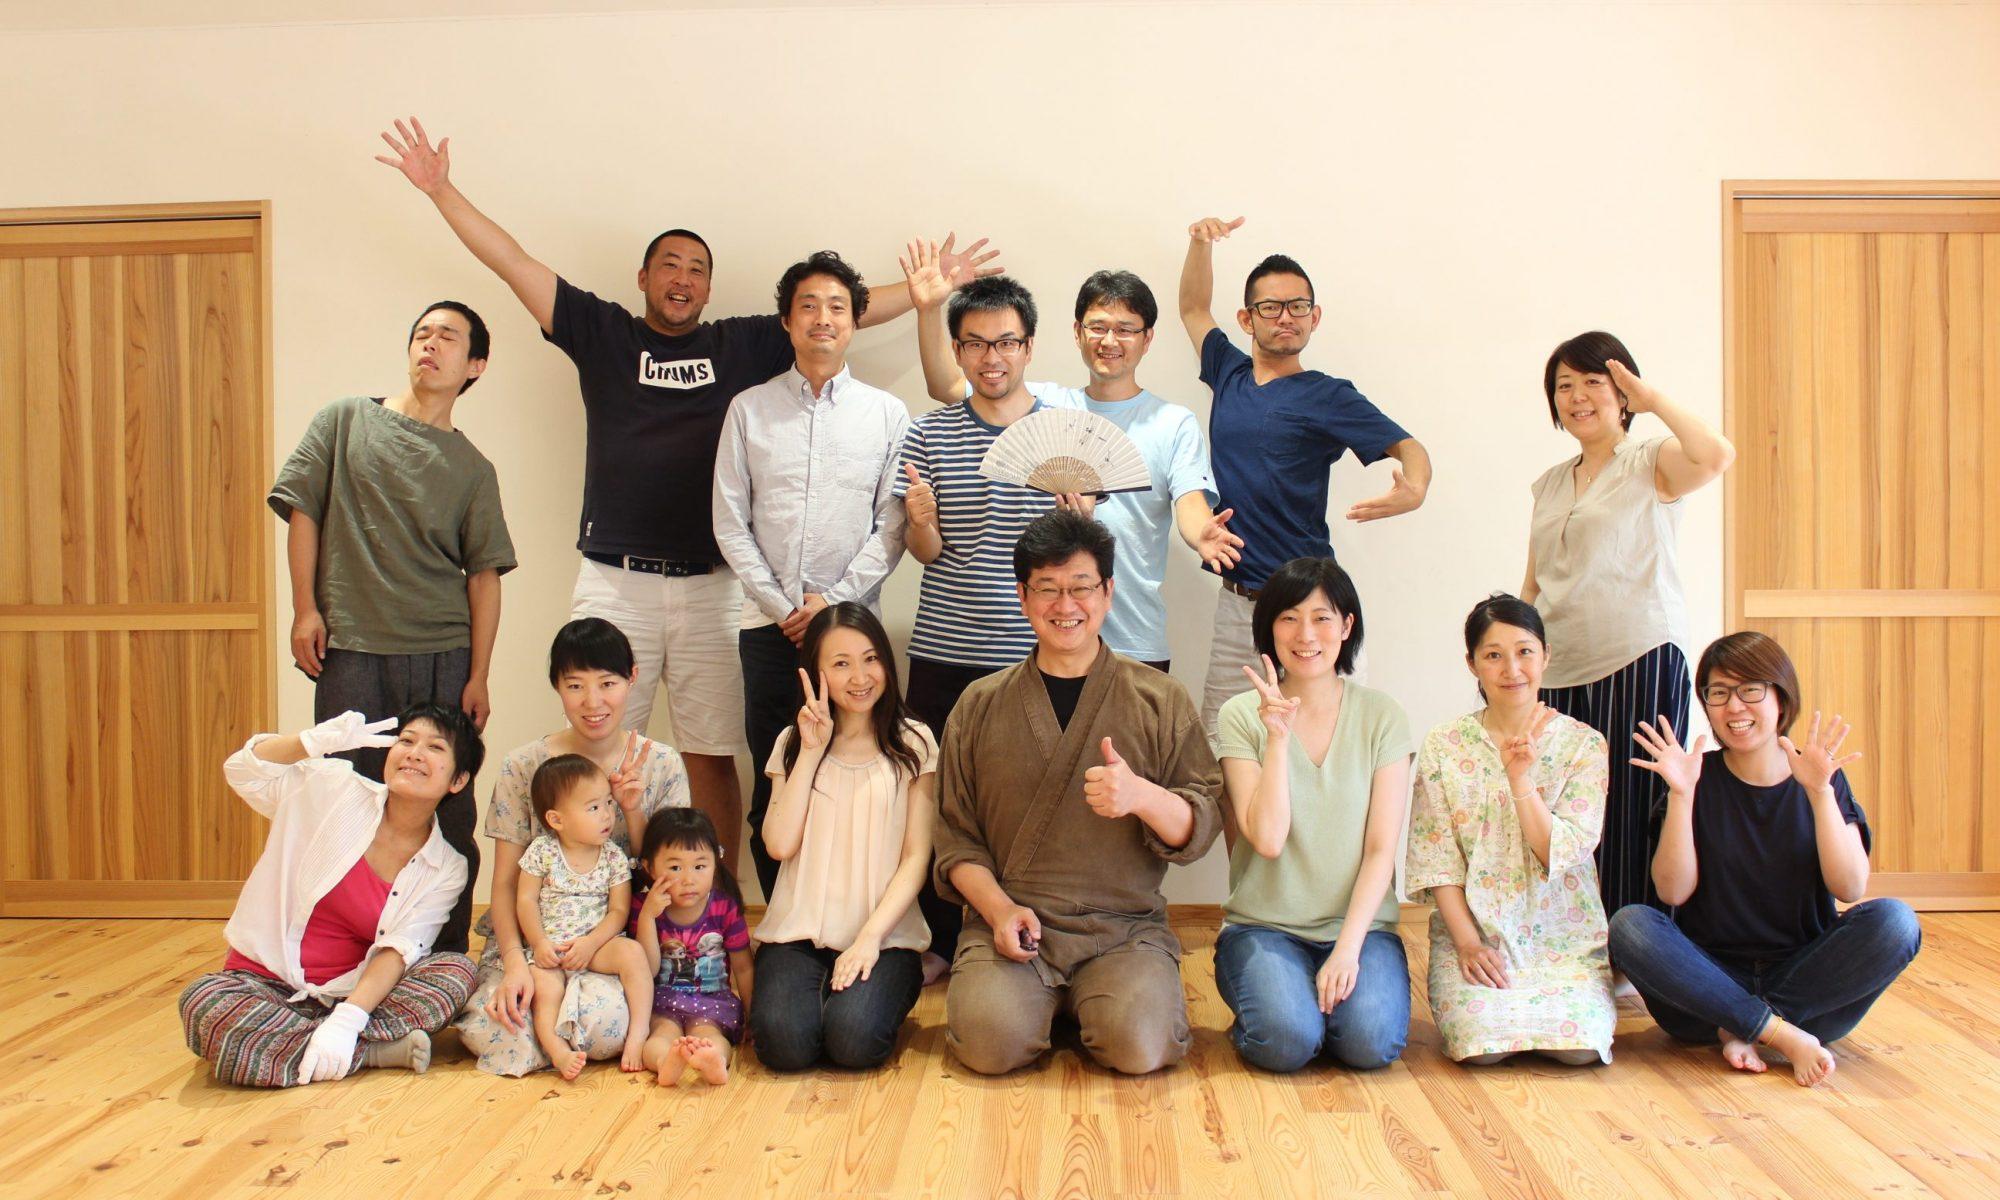 日本唯一の生き方を学ぶ整体塾 心身楽々堂・整体法講座